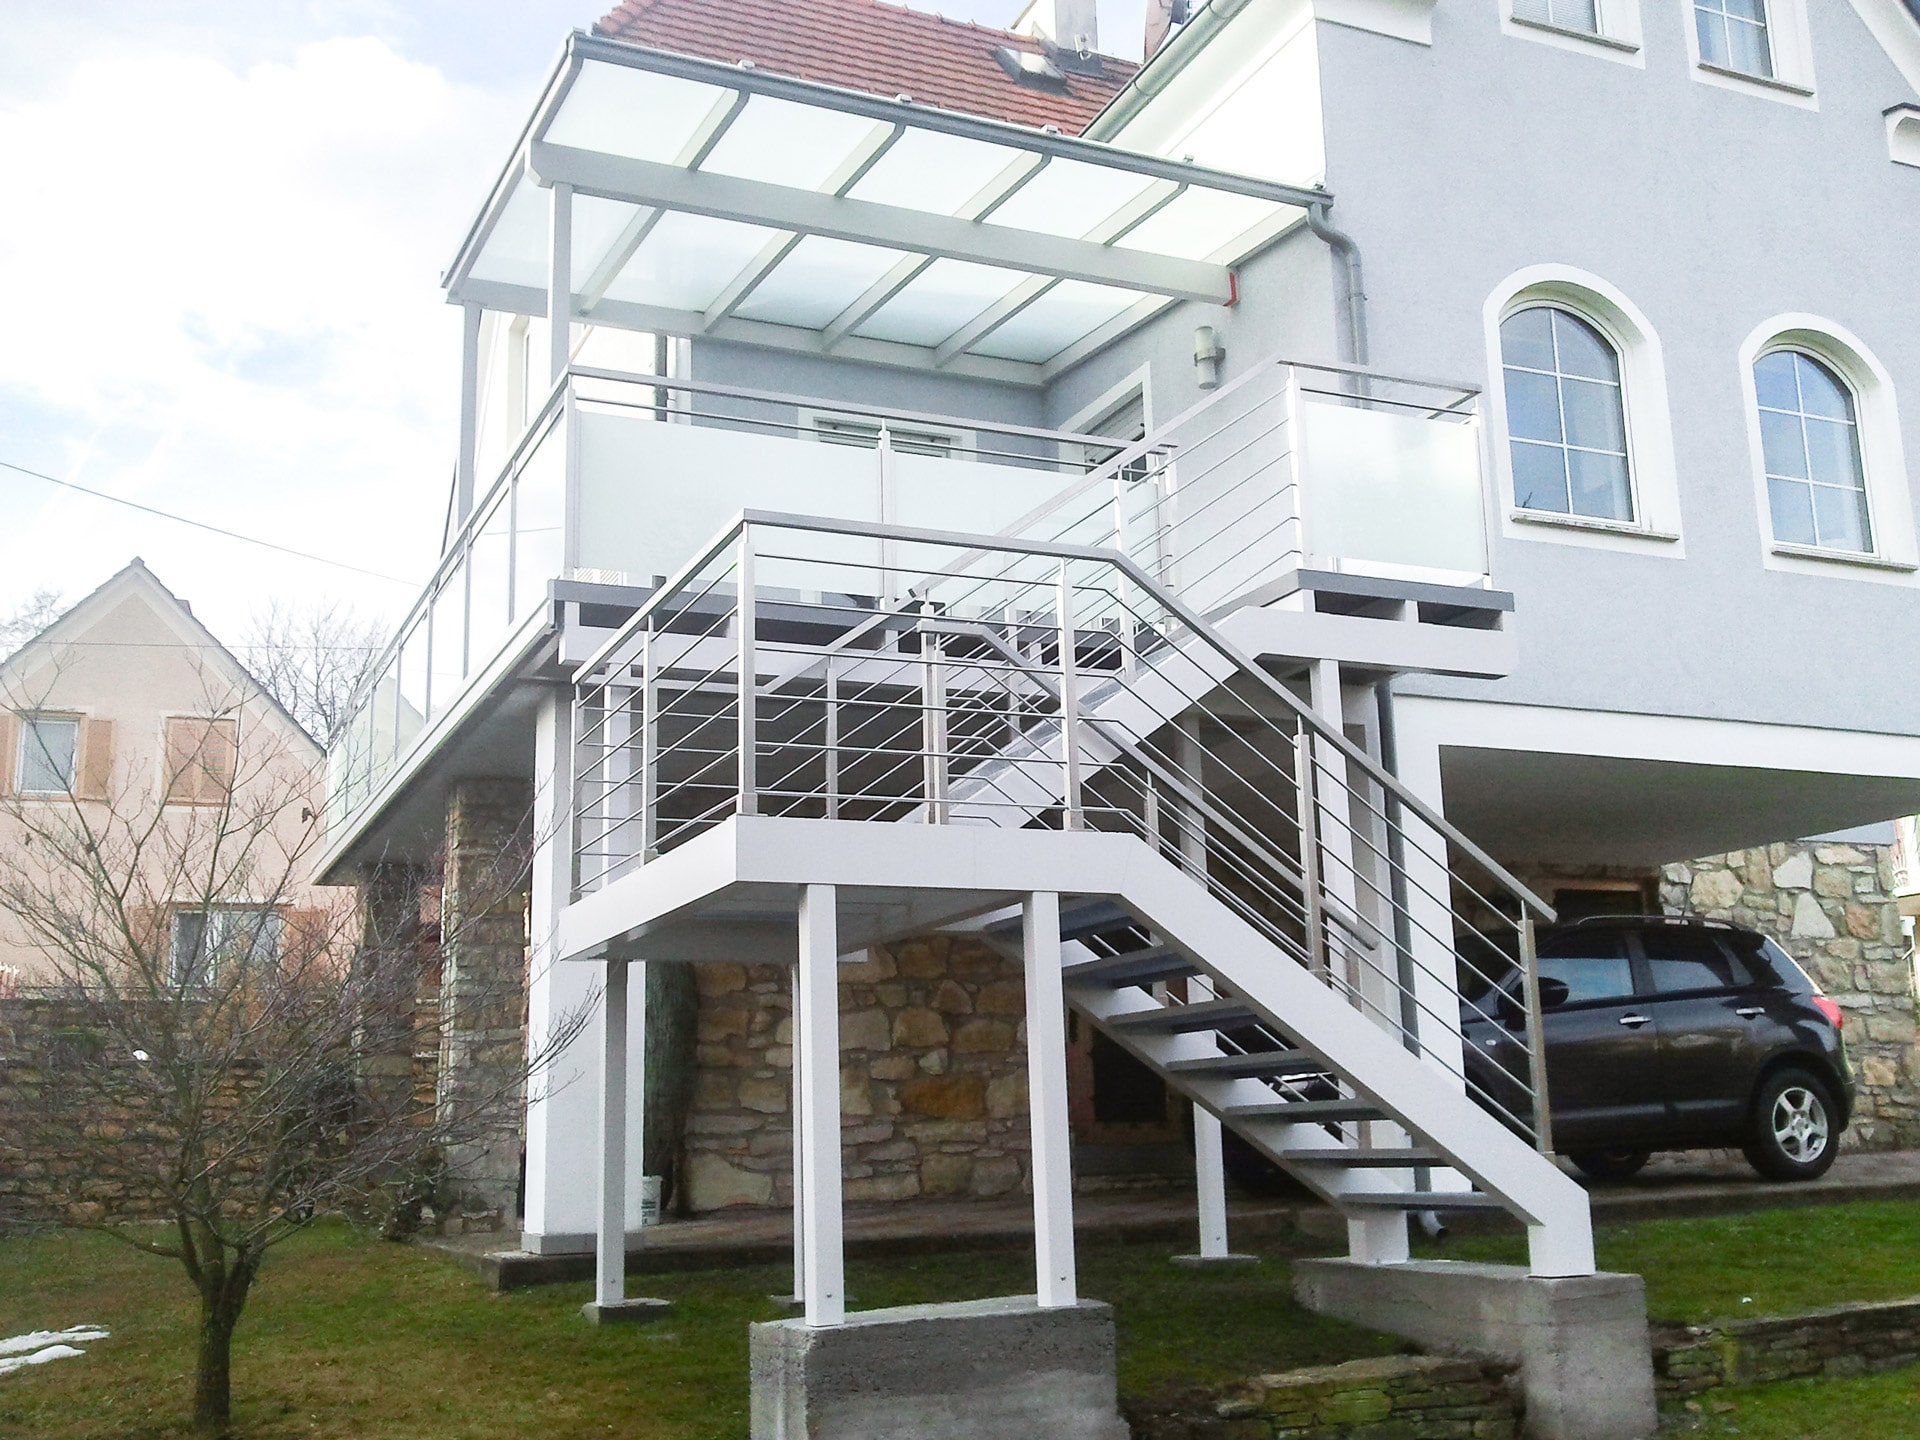 S 18 a | Stiegenaufgang aus Aluminium grau mit Nirogeländer Formrohr waagrechte Stäbe | Svoboda